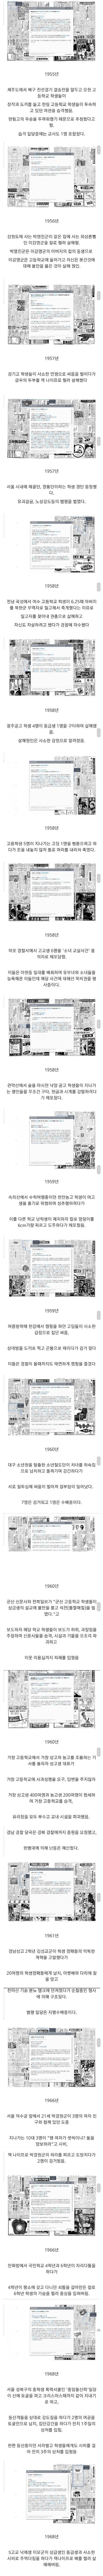 viewimage.php?id=3eb4de21e9d73ab360b8dab04785736f&no=24b0d769e1d32ca73dec81fa11d028314d3faebecfec25ed6aa779bc7958f309ecada1aa921ef1b7c227bb21b9551b50aa05aae4b3acb14f9fb3122b1230cb000de76dc19f81baeb646d67b1e6871d33f2e82f74c992406bbbee149ff0b7f8e65d5a6686f3c2a34d29a5acc9dc372dcb63a61582